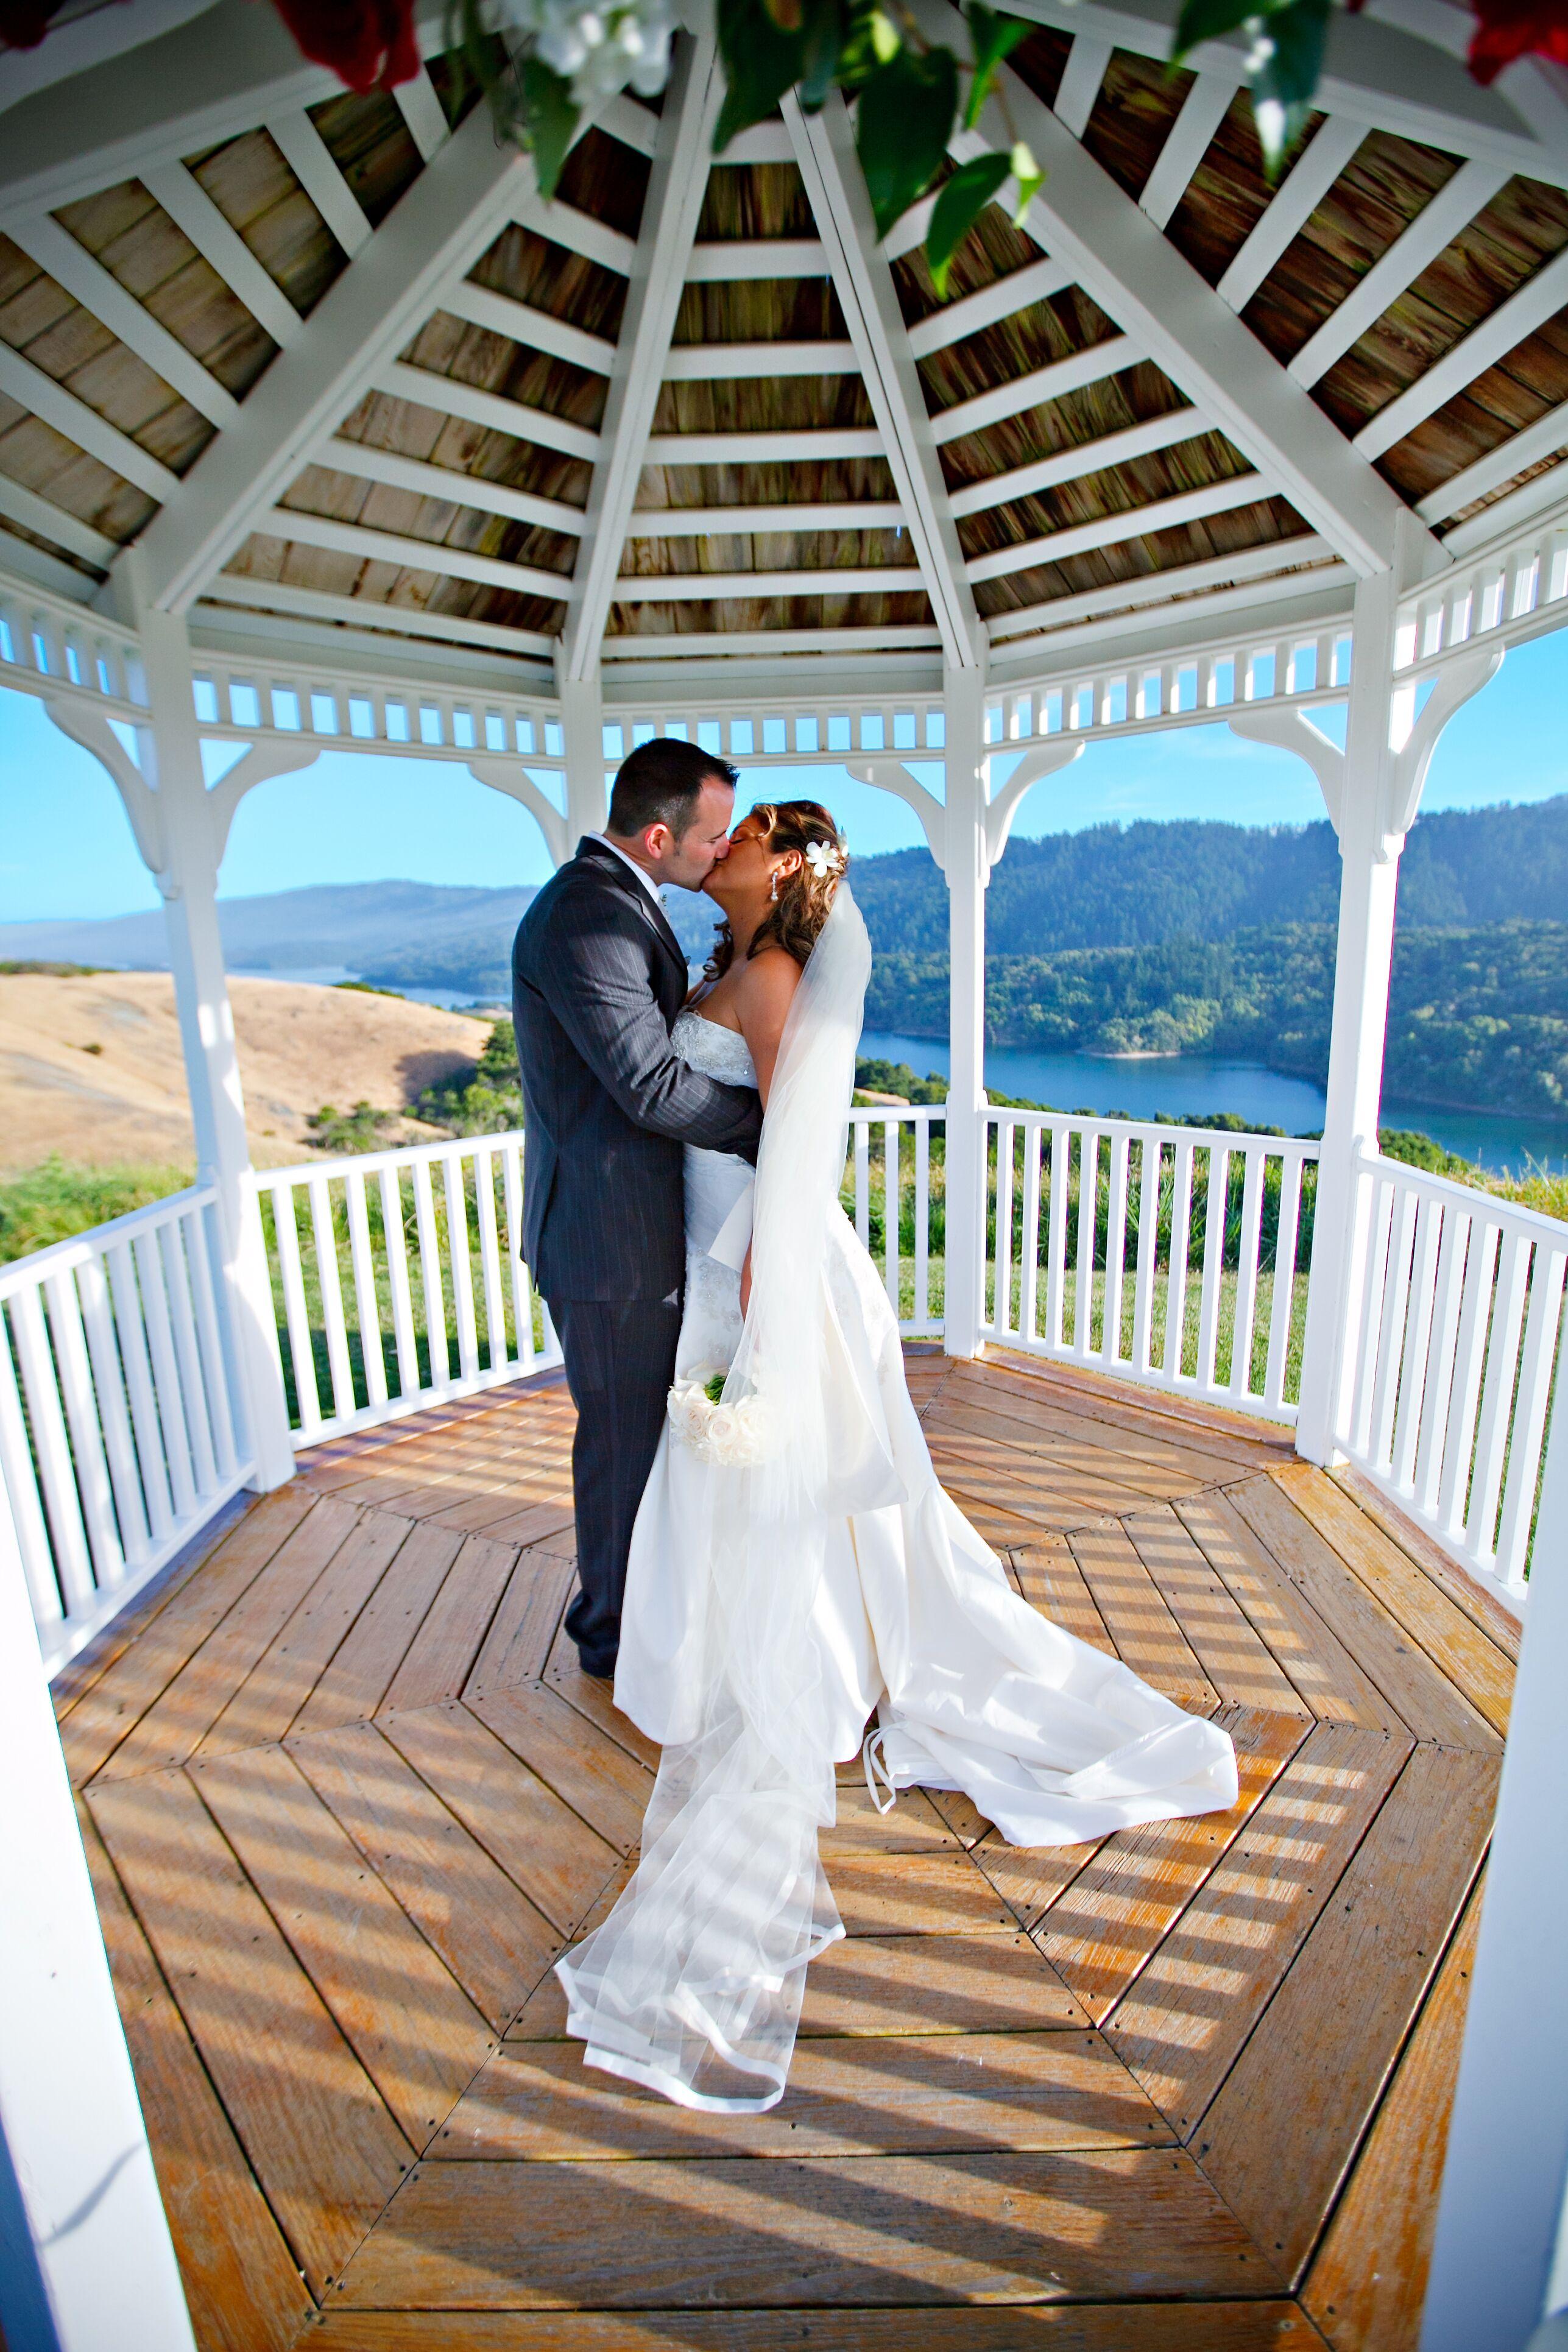 Wedding Venues in Half Moon Bay, CA - The Knot